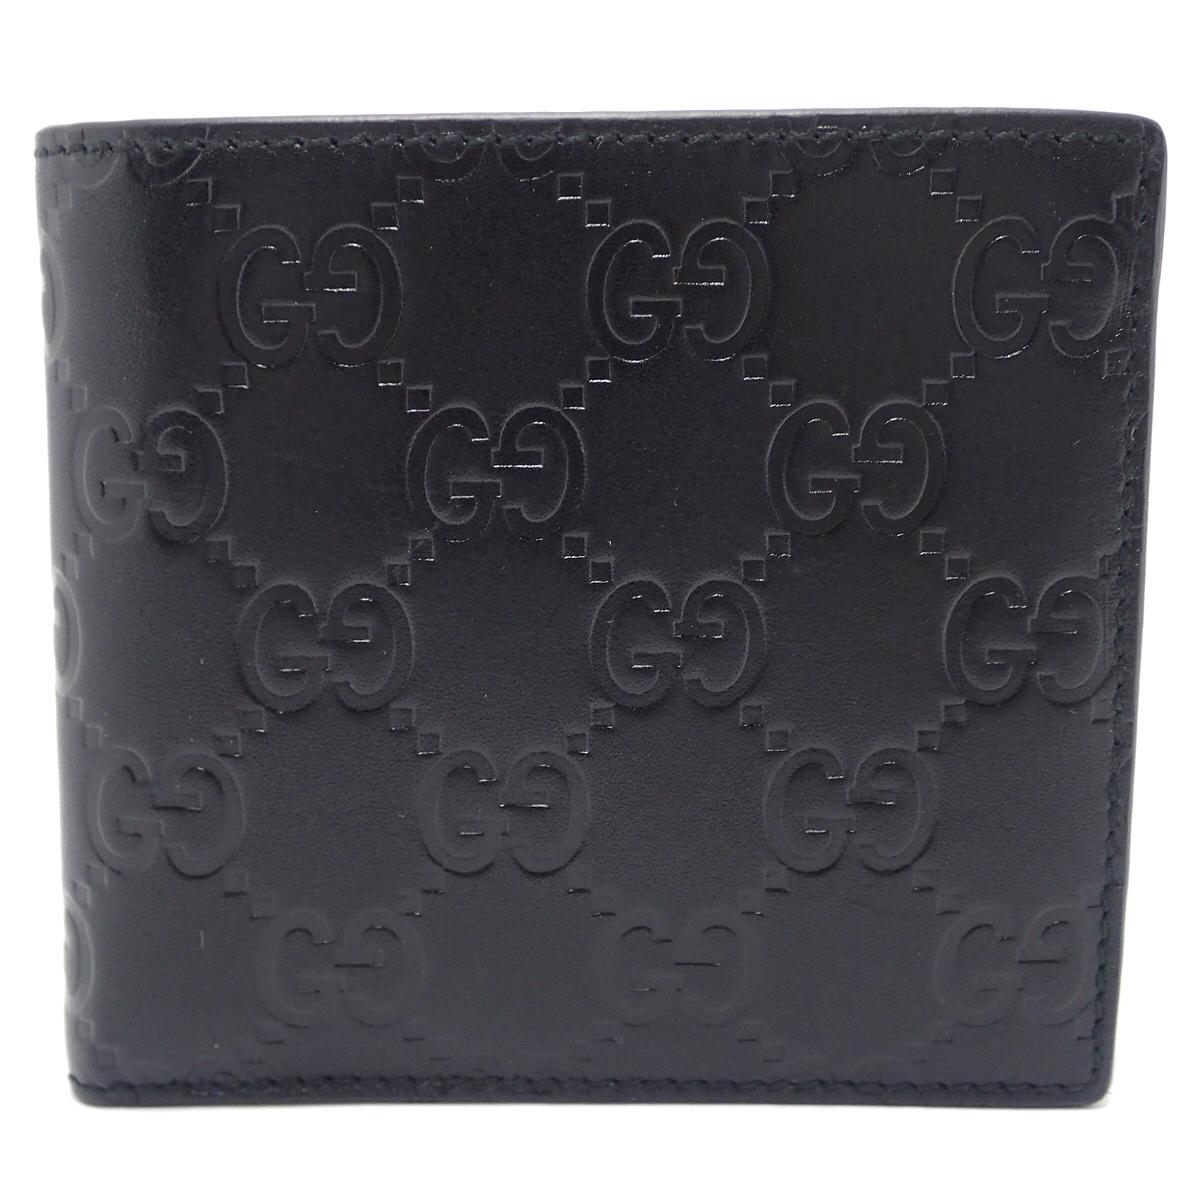 【未使用品】【財布】GUCCI グッチ グッチシマ 2つ折財布 レザー ブラック 黒 146223 【中古】